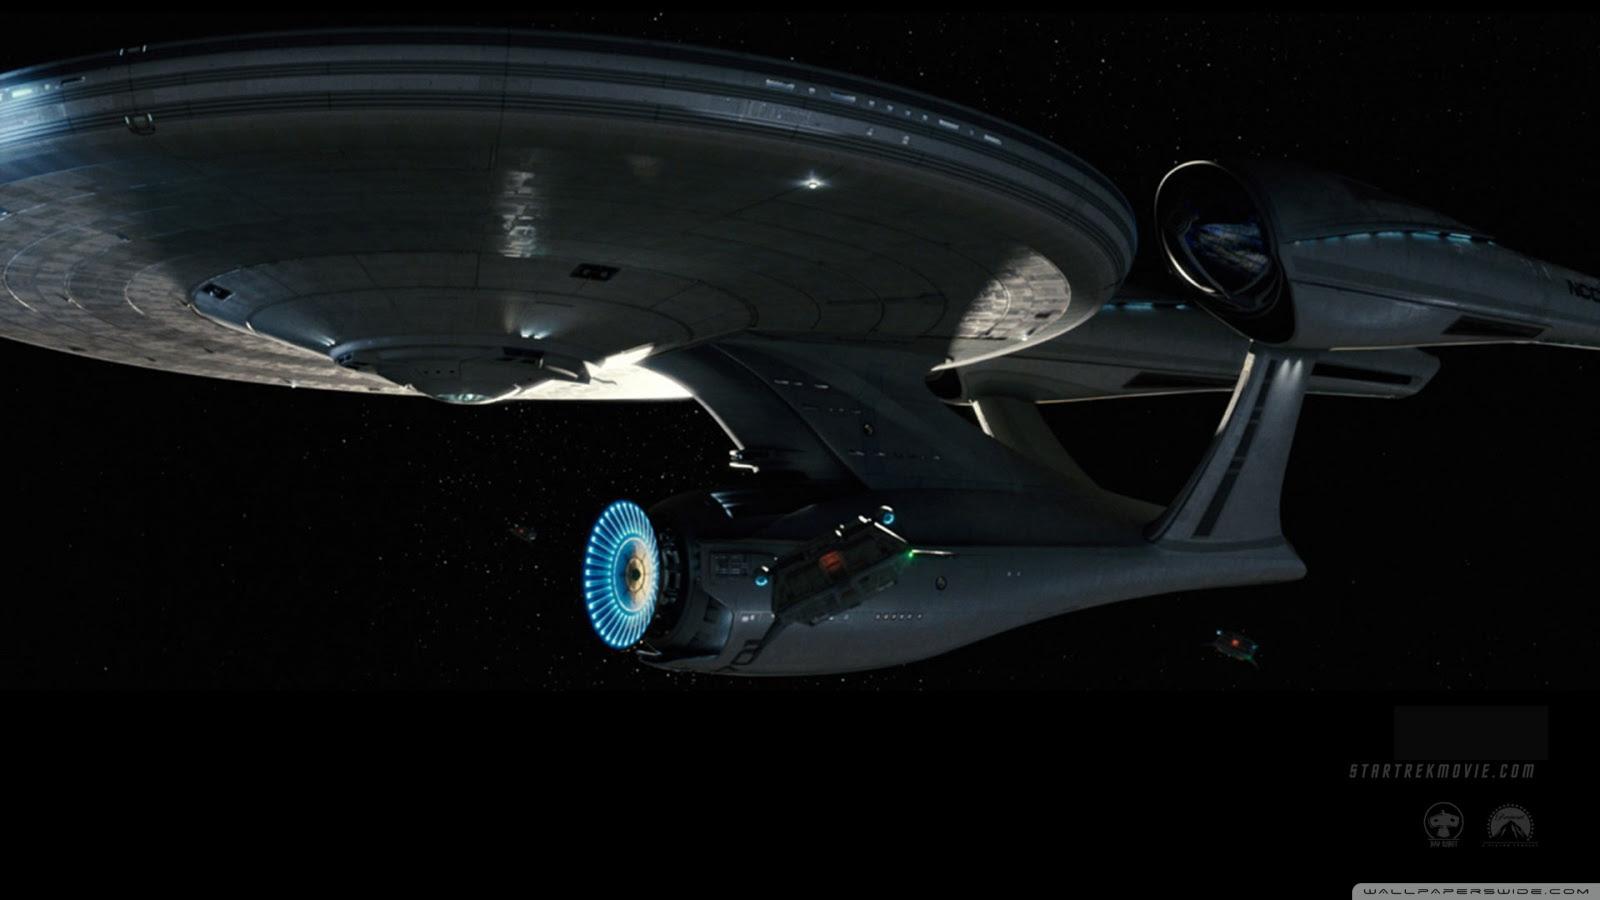 Star Trek 1 Ultra Hd Desktop Background Wallpaper For 4k Uhd Tv